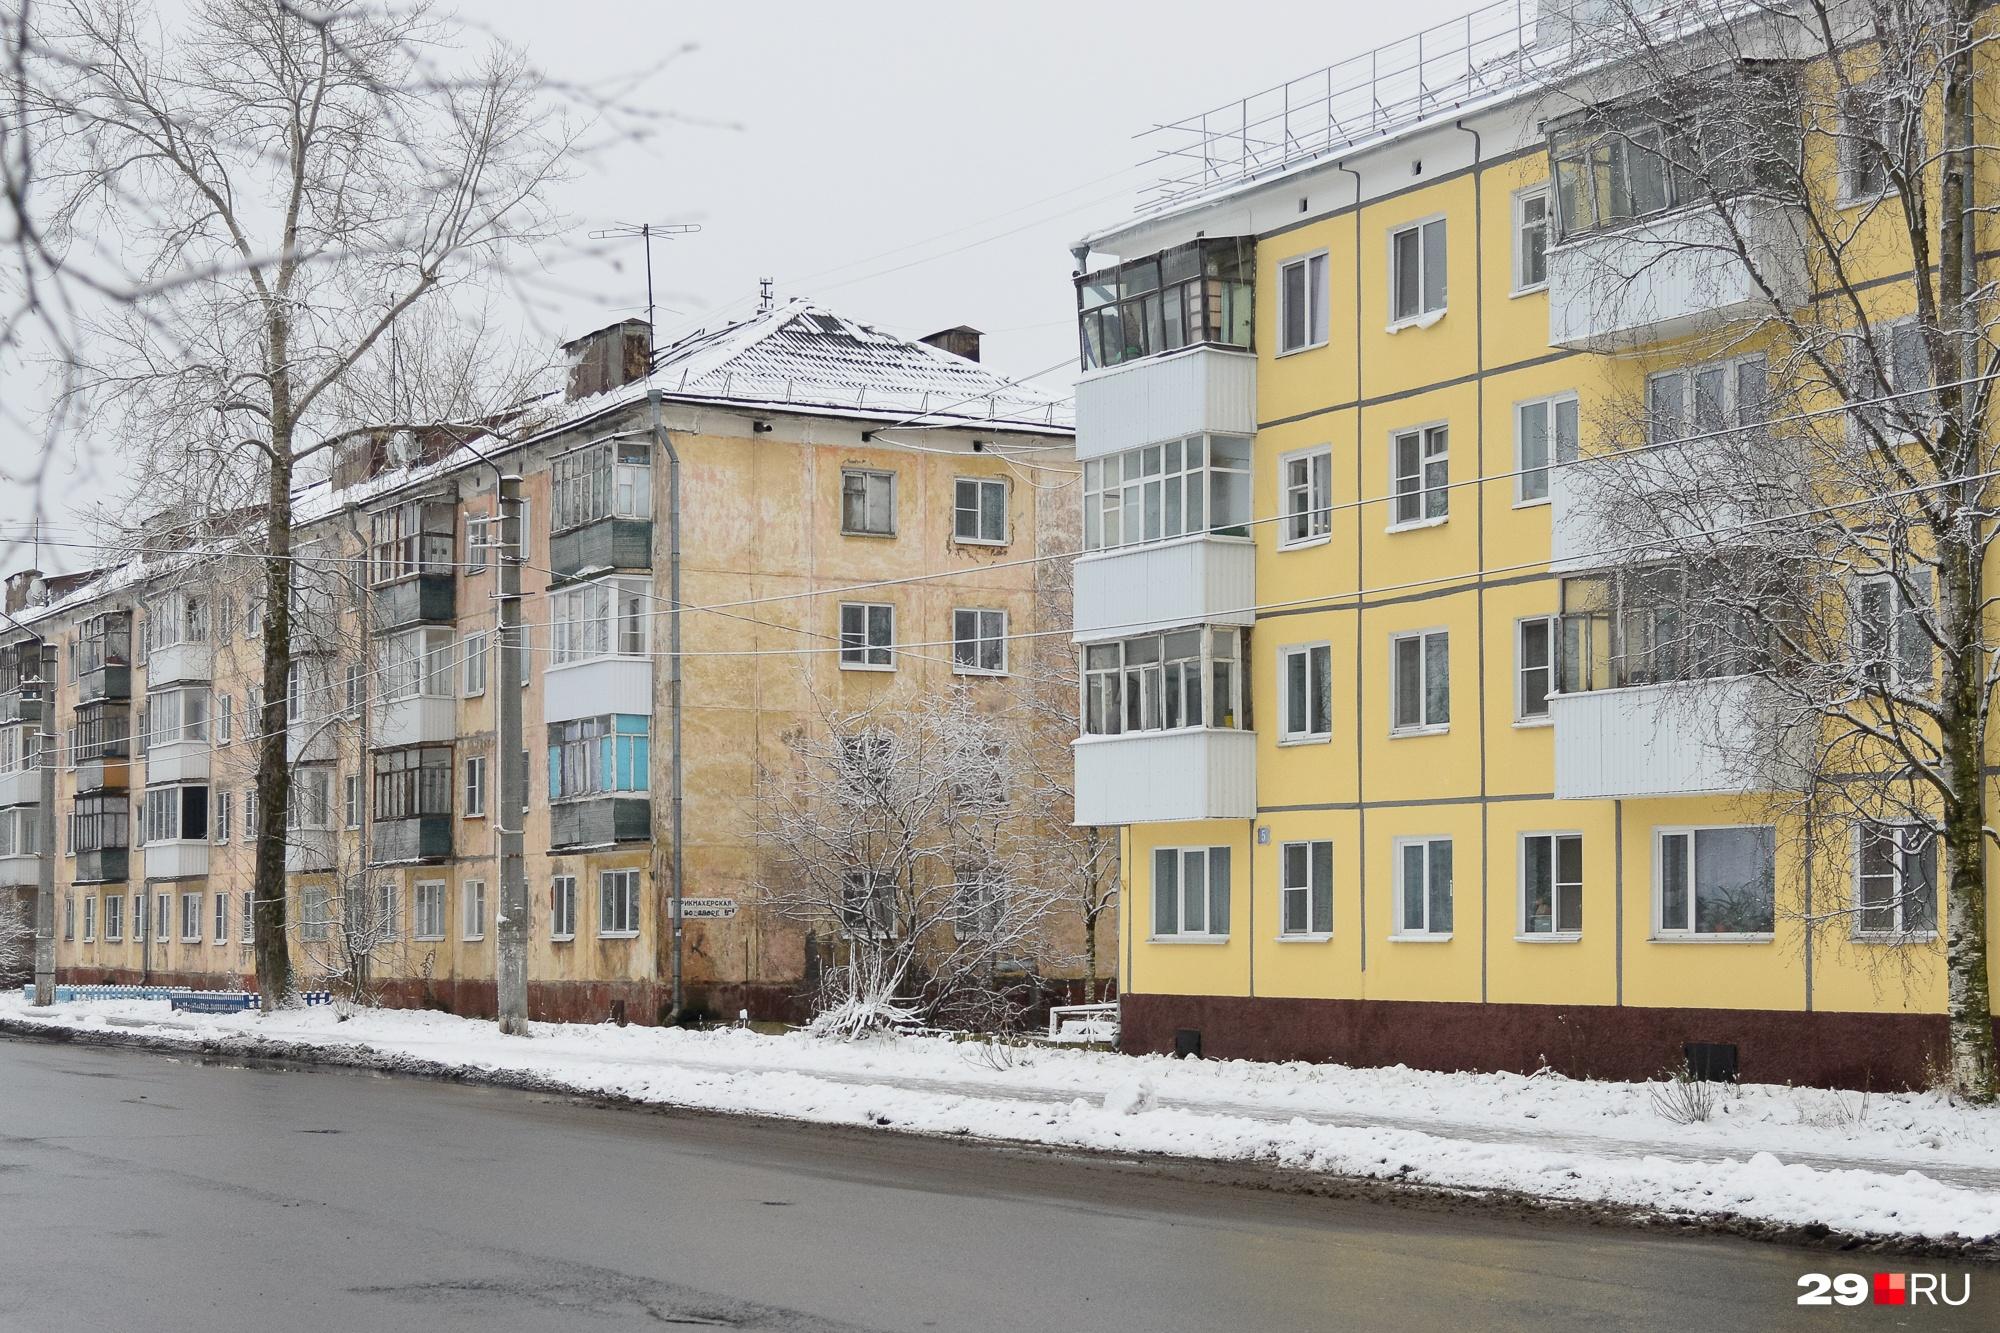 Улица Химиков. Почувствуйте разницу: в одном доме отремонтировали фасад, в другом — нет